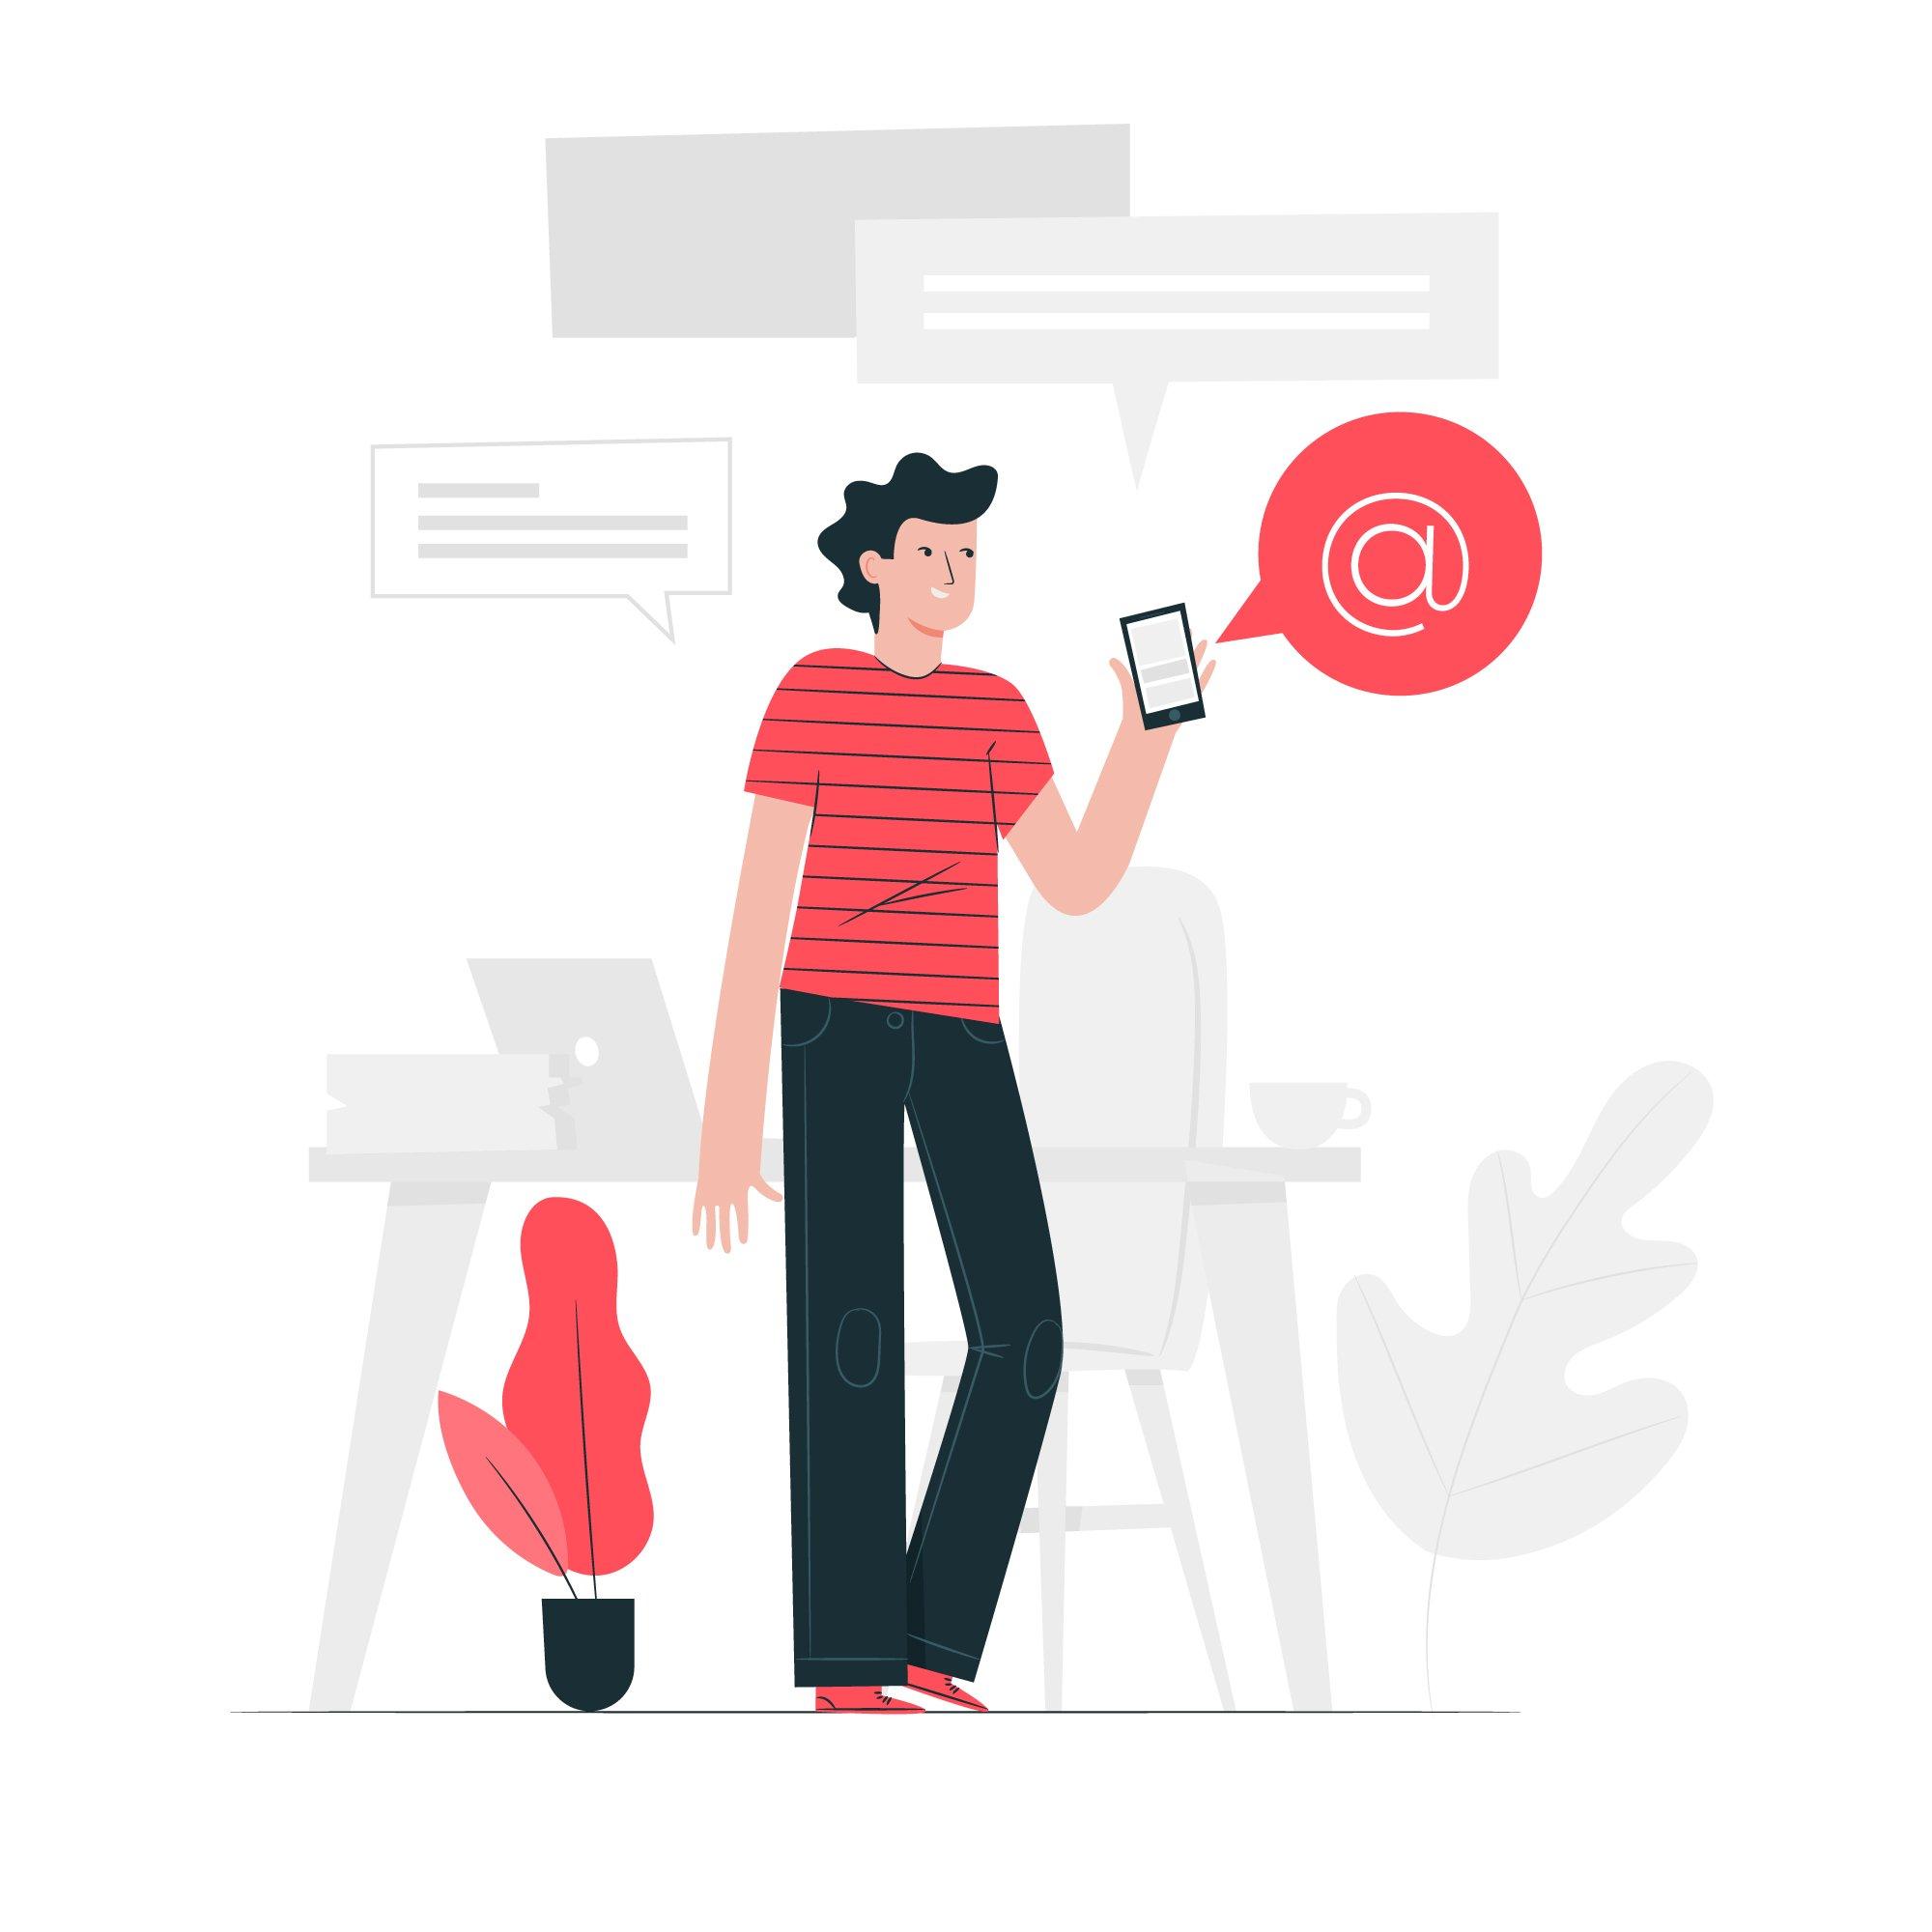 Ilustración mujer haciendo una mención en redes sociales